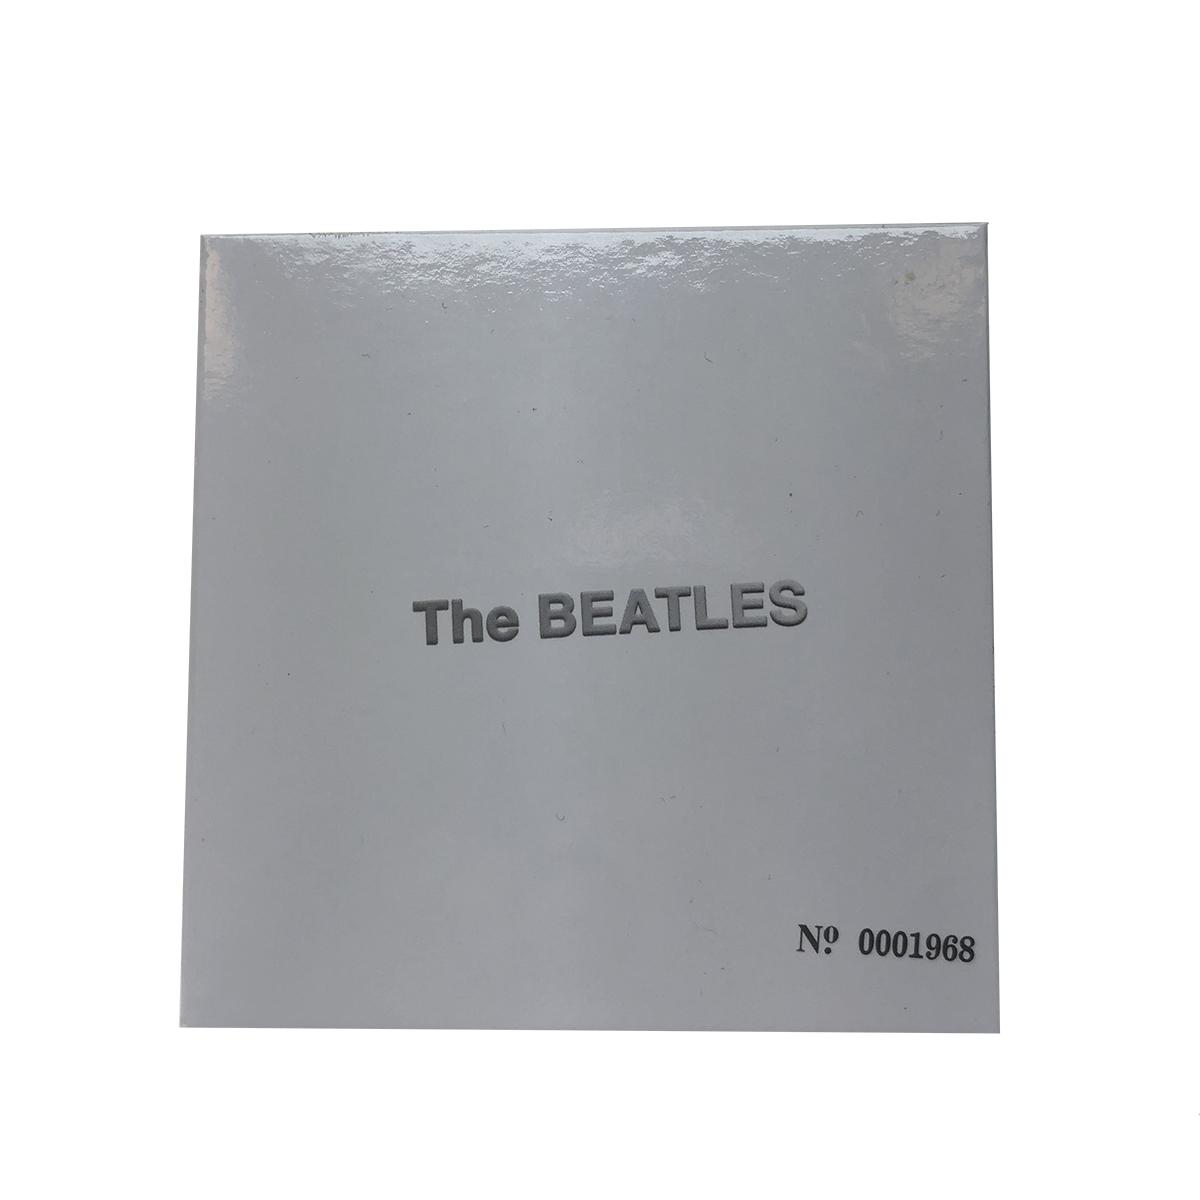 White Album Pin Set